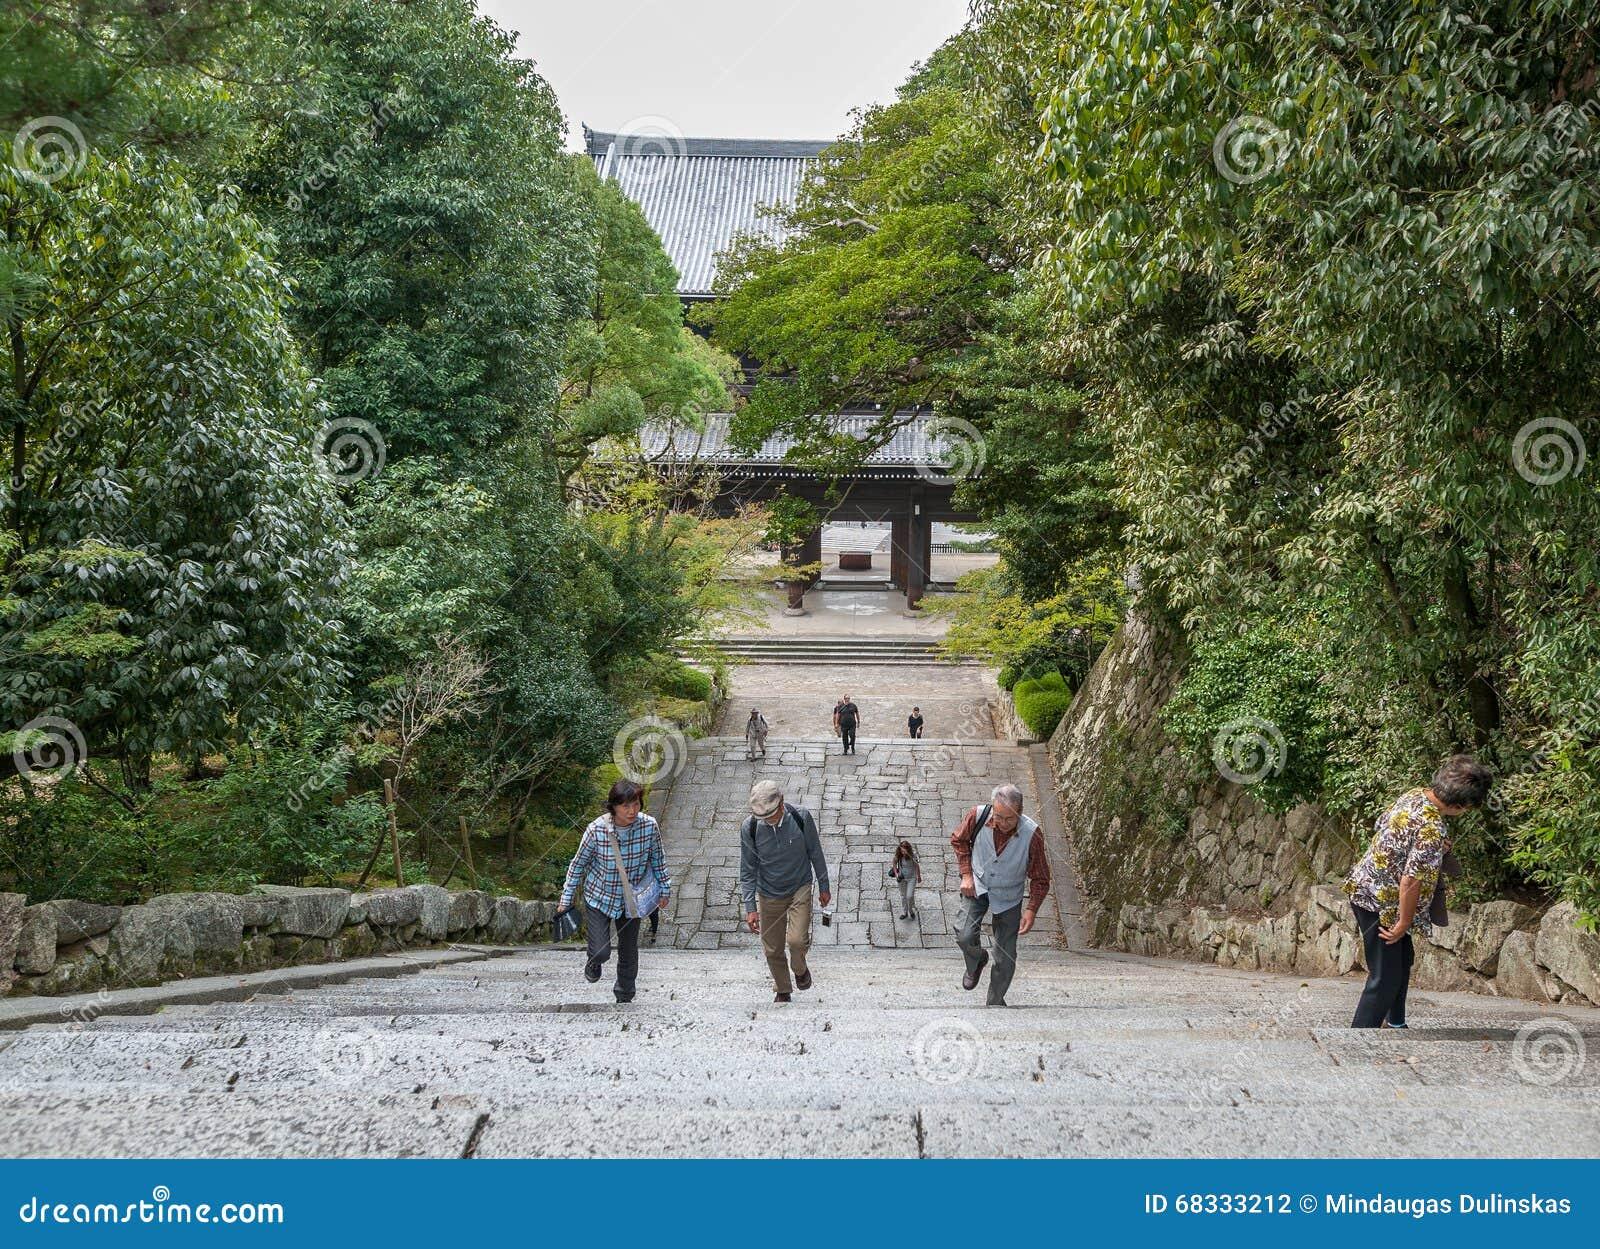 KYOTO, JAPAN - OKTOBER 09, 2015: Treden aan chion-in Heiligdom, Tempel in Higashiyama -higashiyama-ku, Kyoto, Japan Hoofdkwartier